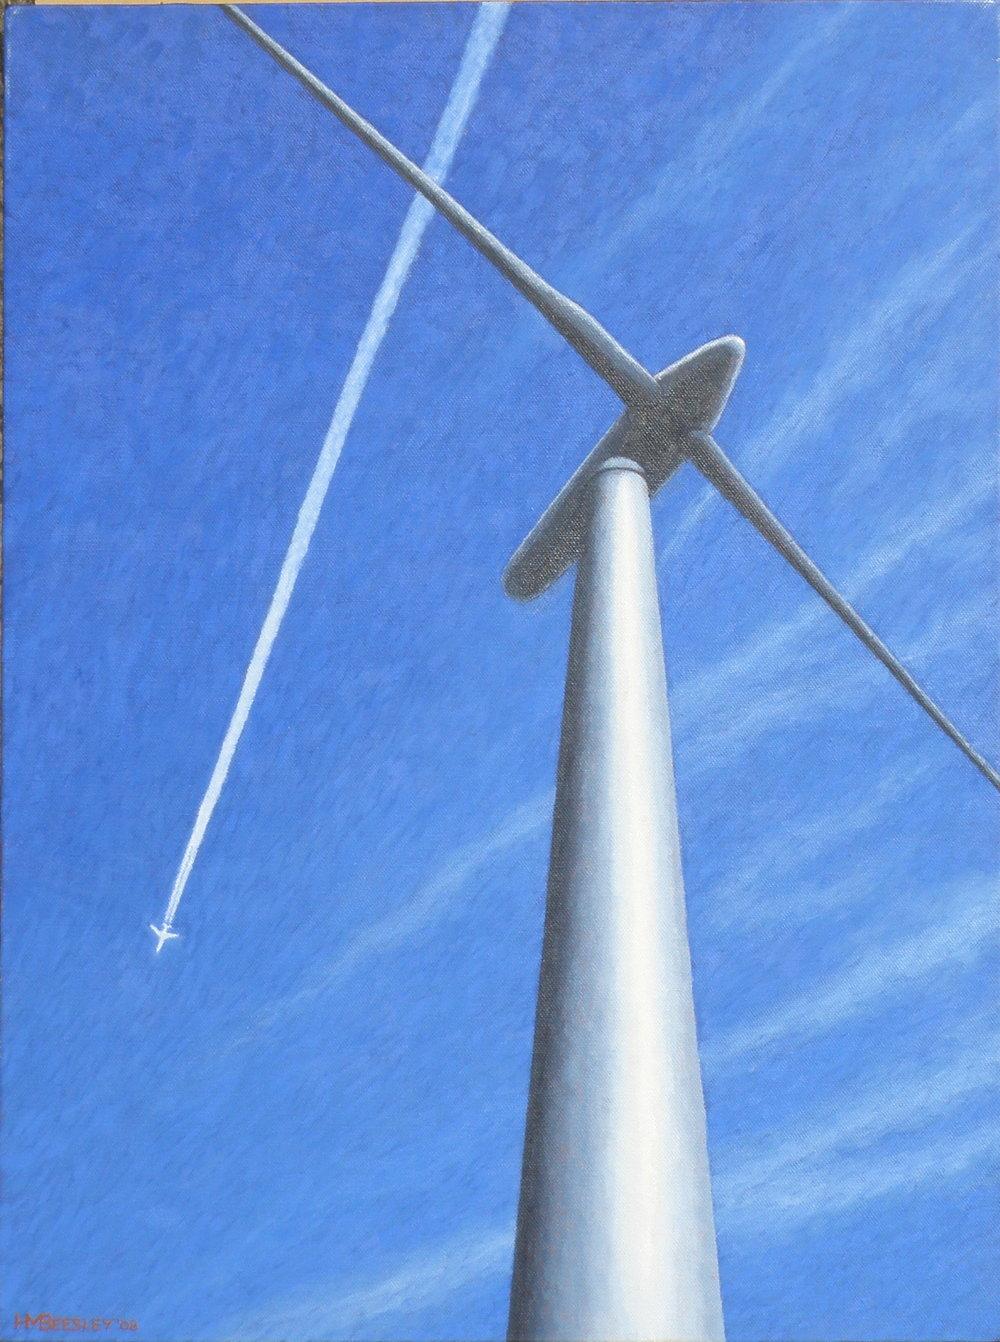 Wind Turbine 27